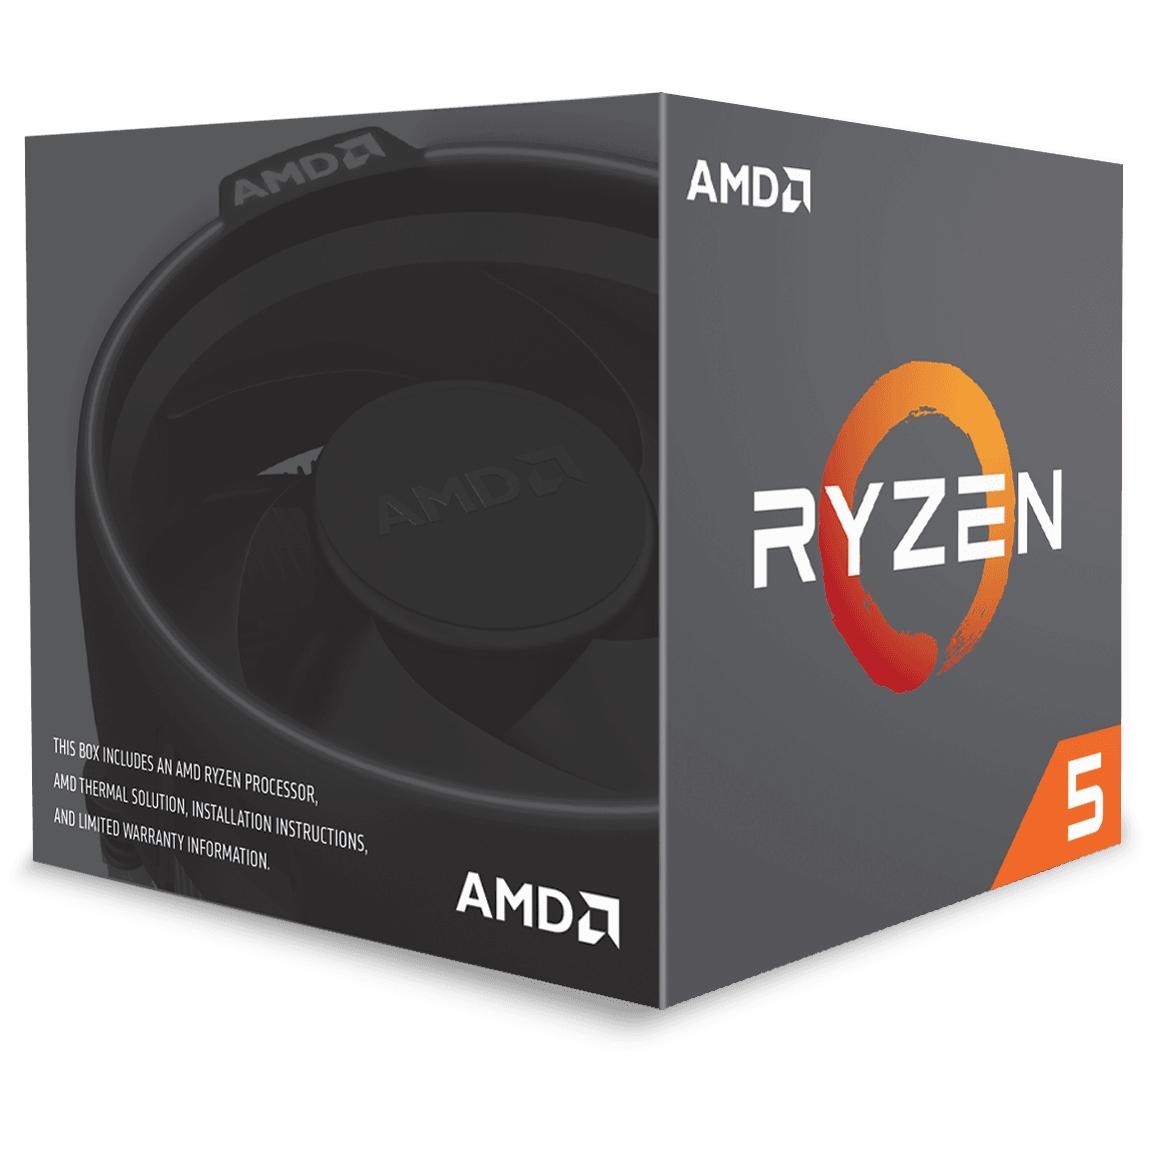 AMD RYZEN 5 1600 3.20 / 3.60 GHz 16MB AM4 İŞLEMCİ 65W